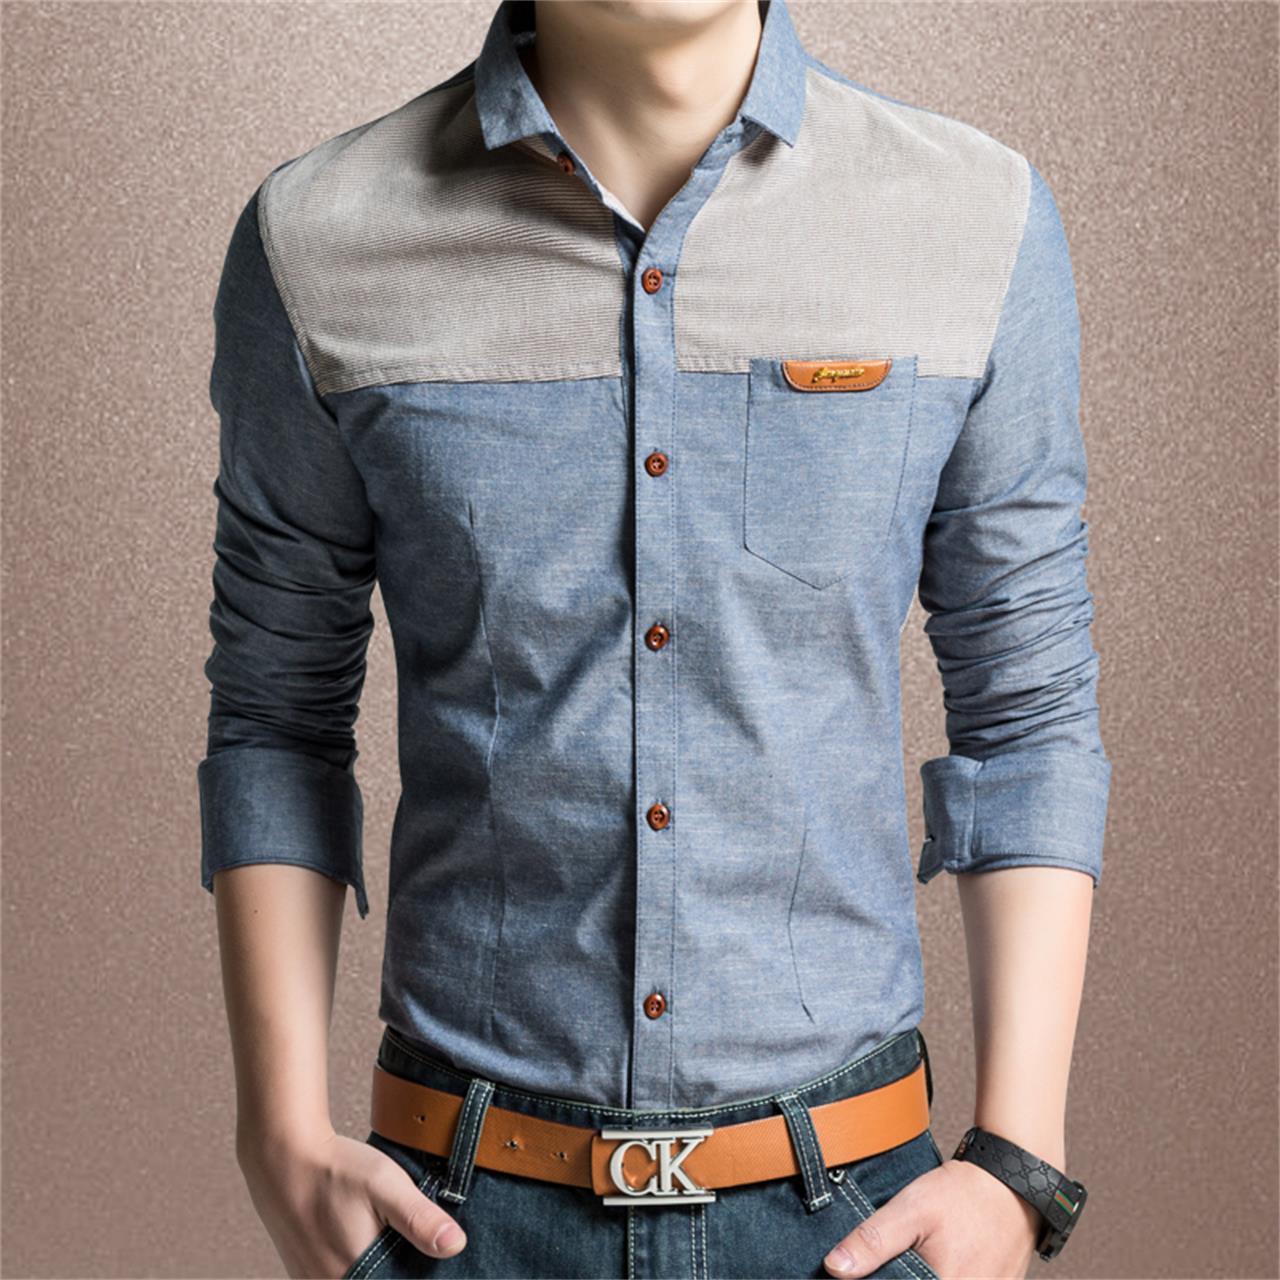 男士短袖衬衫韩版修身纯棉长袖青年牛仔加厚商务休闲加绒衬衣大码